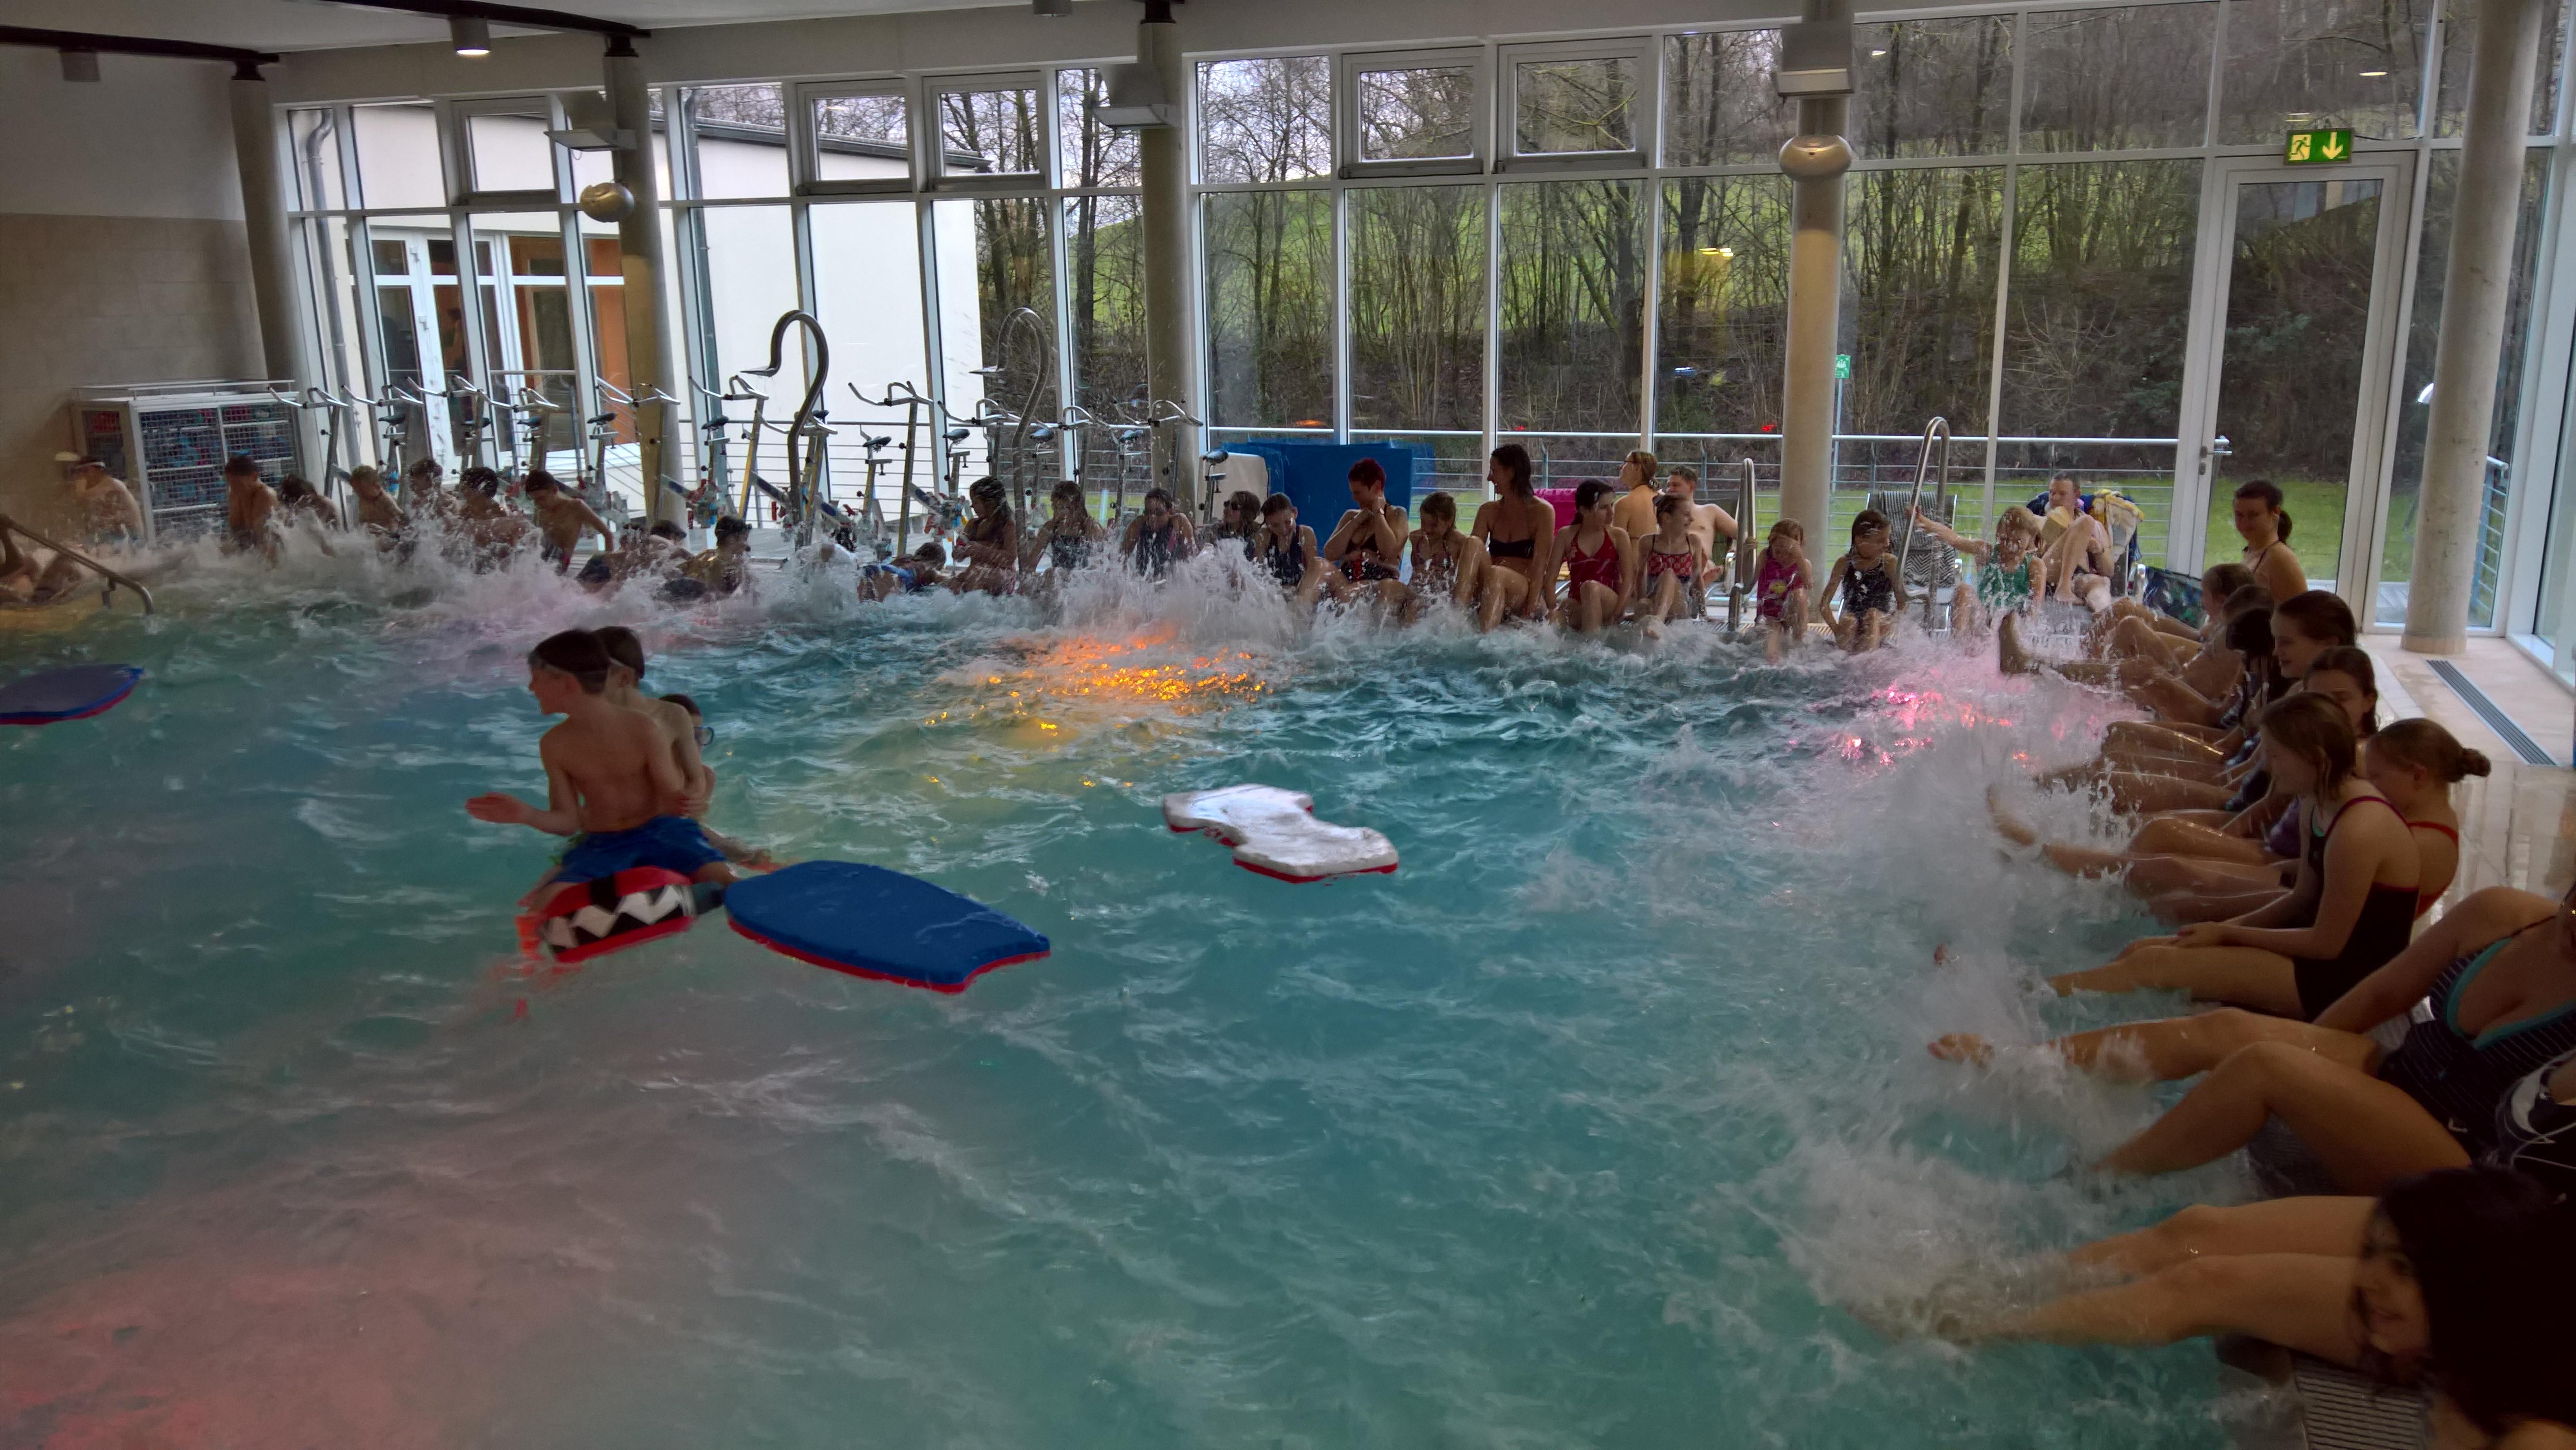 Schwimmbad Neunkirchen Seelscheid : gemeinde neunkirchen seelscheid kinoatmosph re in der aquarena schwimmhalle ~ Frokenaadalensverden.com Haus und Dekorationen